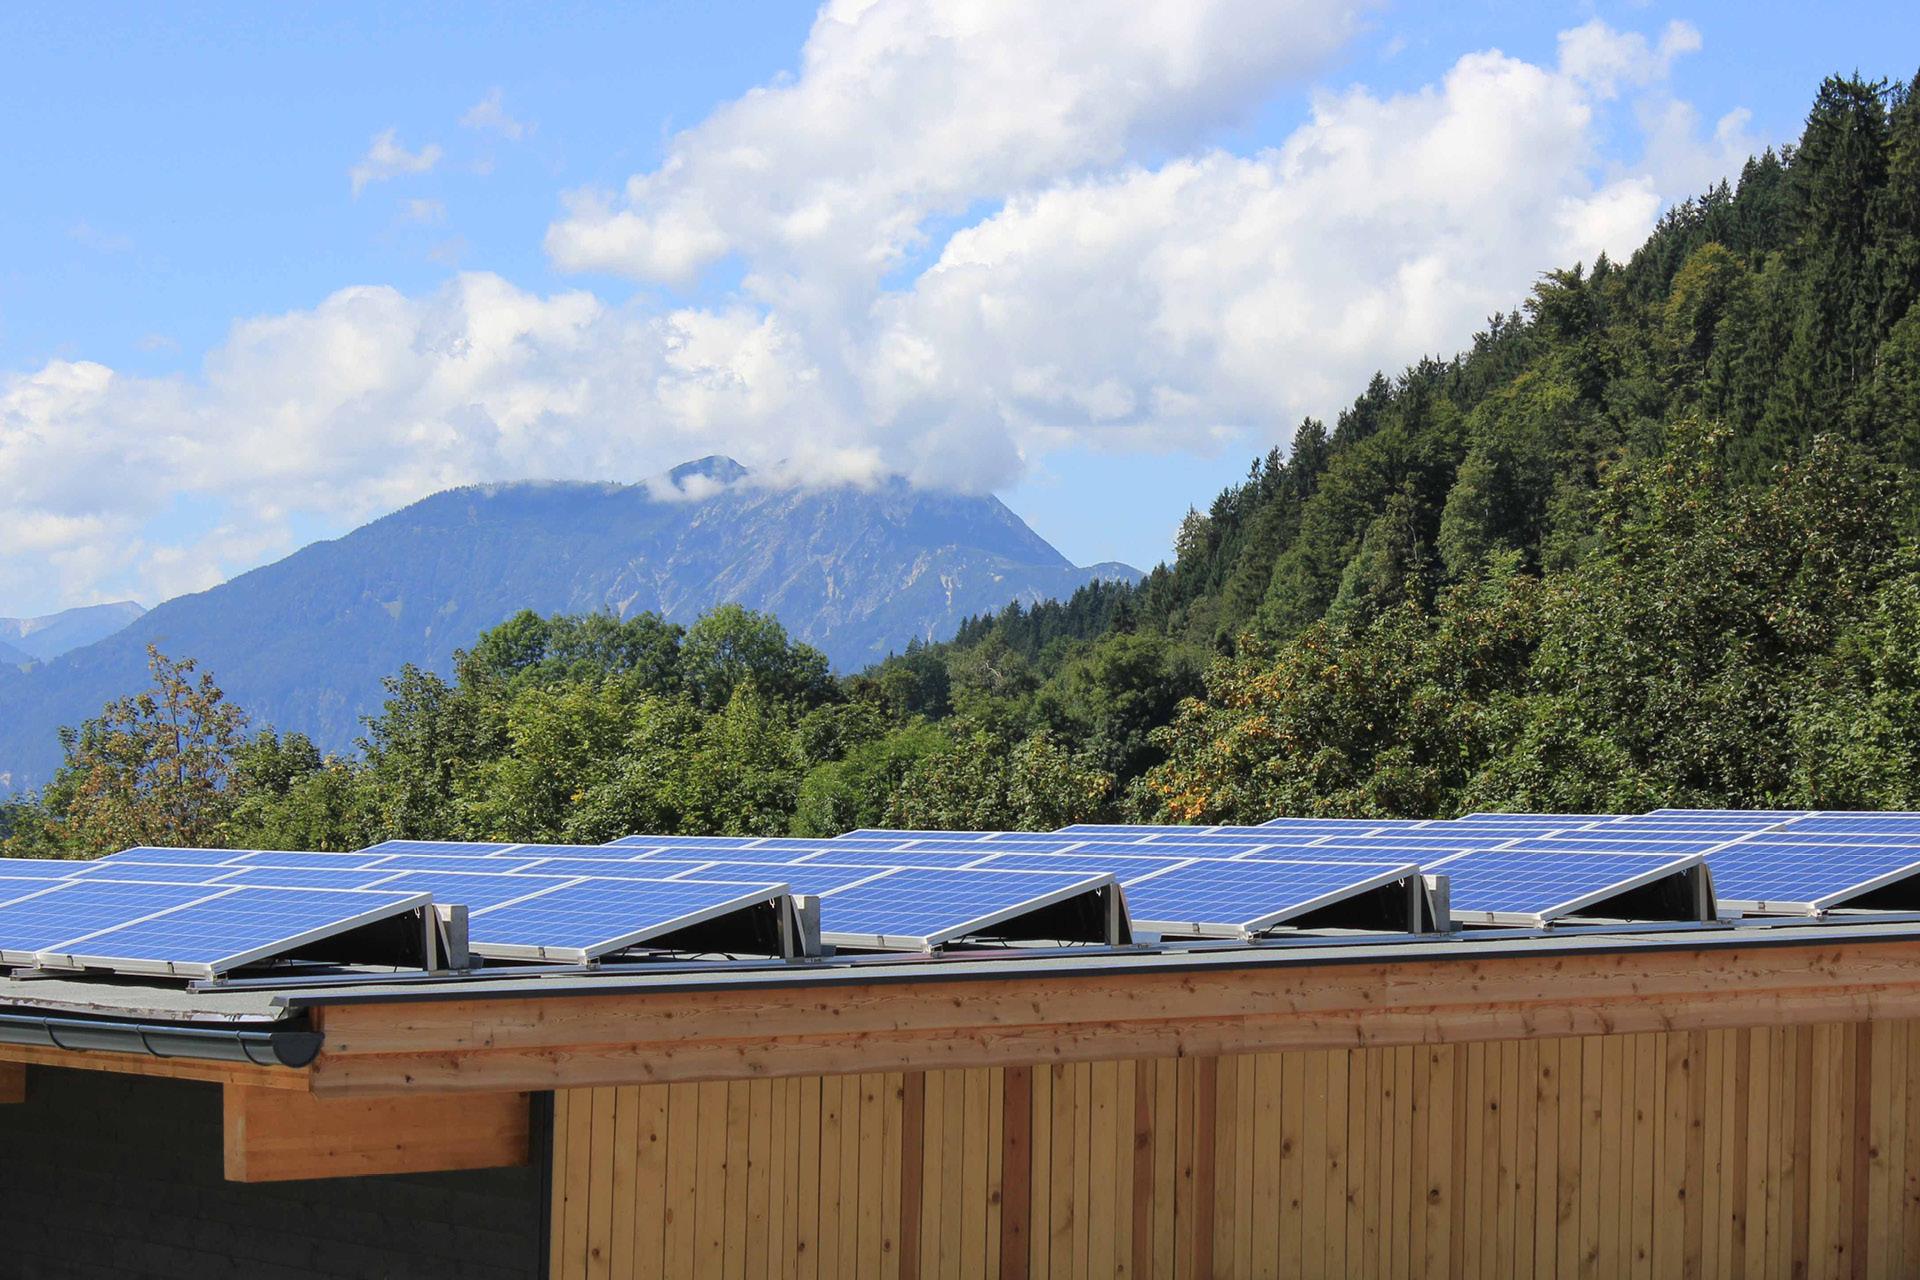 Tischlerei-Decker-Neuigkeiten-Umwelt-Photovoltaik-Dach